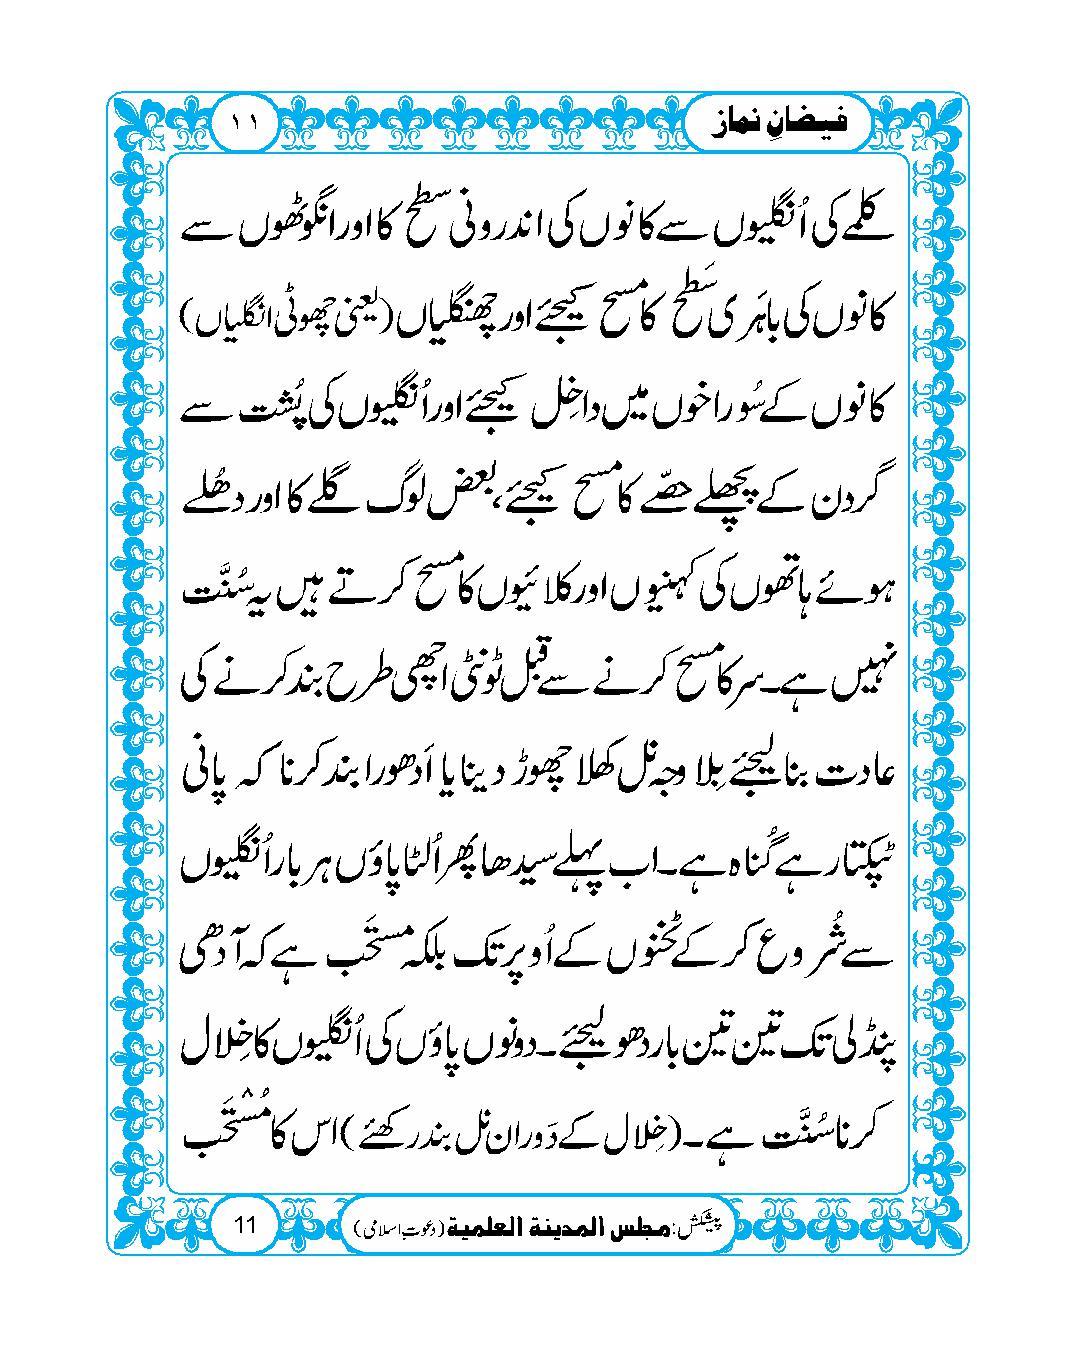 page No 11